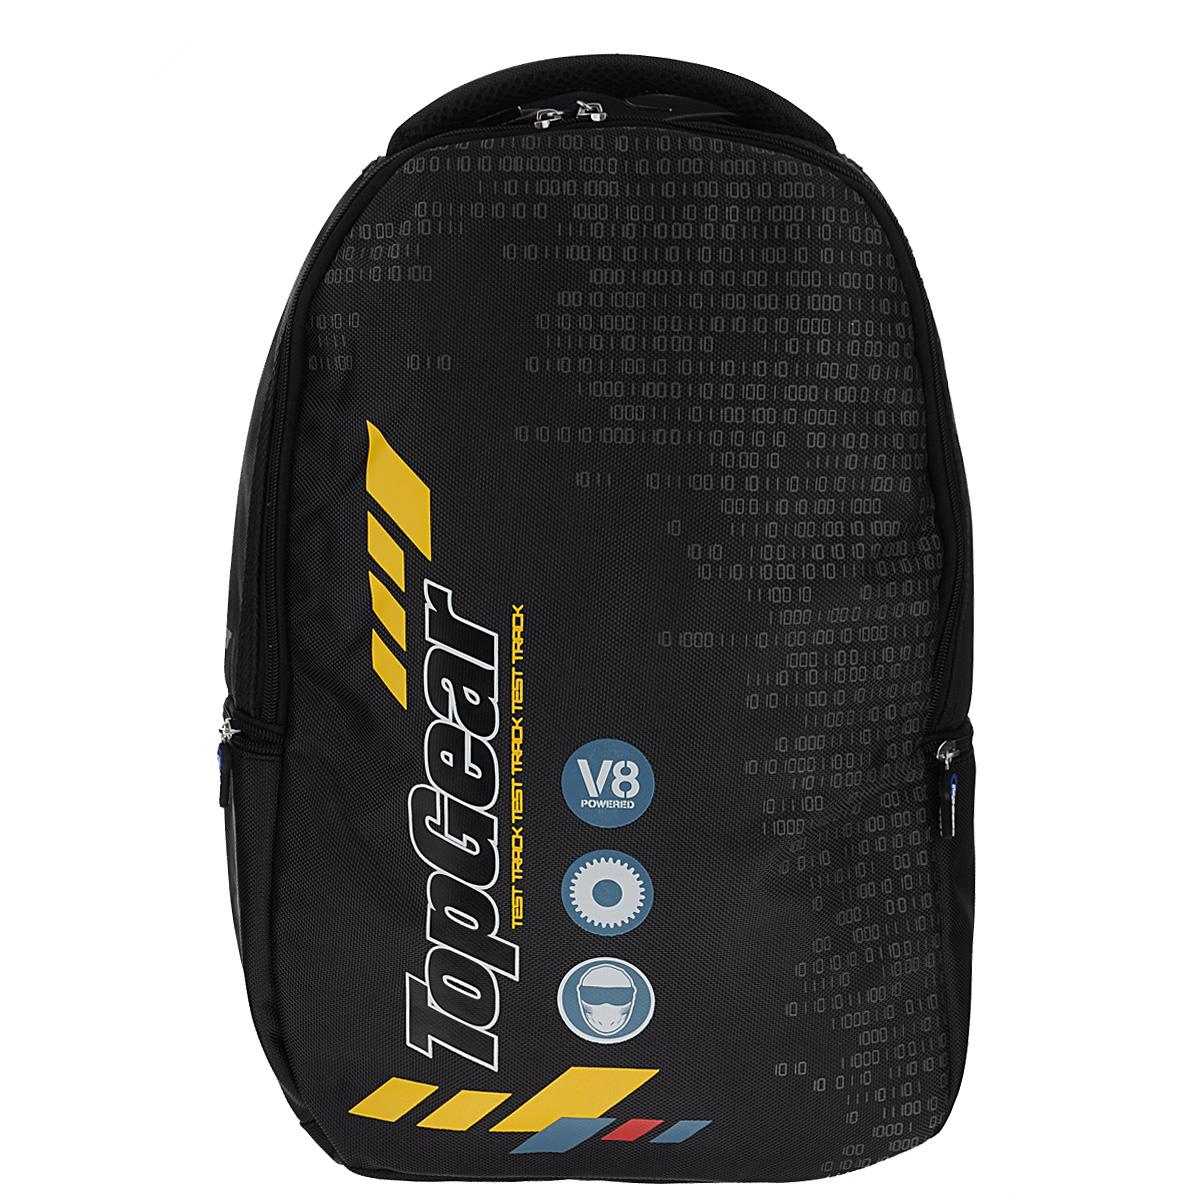 Рюкзак молодежный Proff Top Gear, цвет: черный17925Рюкзак молодежный Proff Top Gear сочетает в себе современный дизайн, функциональность и долговечность.Он выполнен из водонепроницаемого, морозоустойчивого материла черного цвета. Содержит одно вместительное отделение, закрывающееся на пластиковый замок-молнию с двумя бегунками. Бегунки застежки дополнены прорезиненными держателями. Внутри отделения имеются пять накладных горизонтальных открытых кармашка, два кармашка на молнии, один из которых карман-сеточка. Также имеется брелок для ключей. Рюкзак имеет два вшитых боковых кармана, закрывающиеся на молнии. Конструкция спинки дополнена двумя эргономичными подушечками, противоскользящей сеточкой для предотвращения запотевания спины. Мягкие широкие лямки позволяют легко и быстро отрегулировать рюкзак в соответствии с ростом. Рюкзак оснащен удобной текстильной ручкой для переноски в руке. Под ручкой находится небольшой кармашек с мягкой подкладкой, который можно использовать для небольшого мобильного телефона.Этот рюкзак можно использовать для повседневных прогулок, отдыха и спорта, а также как элемент вашего имиджа.